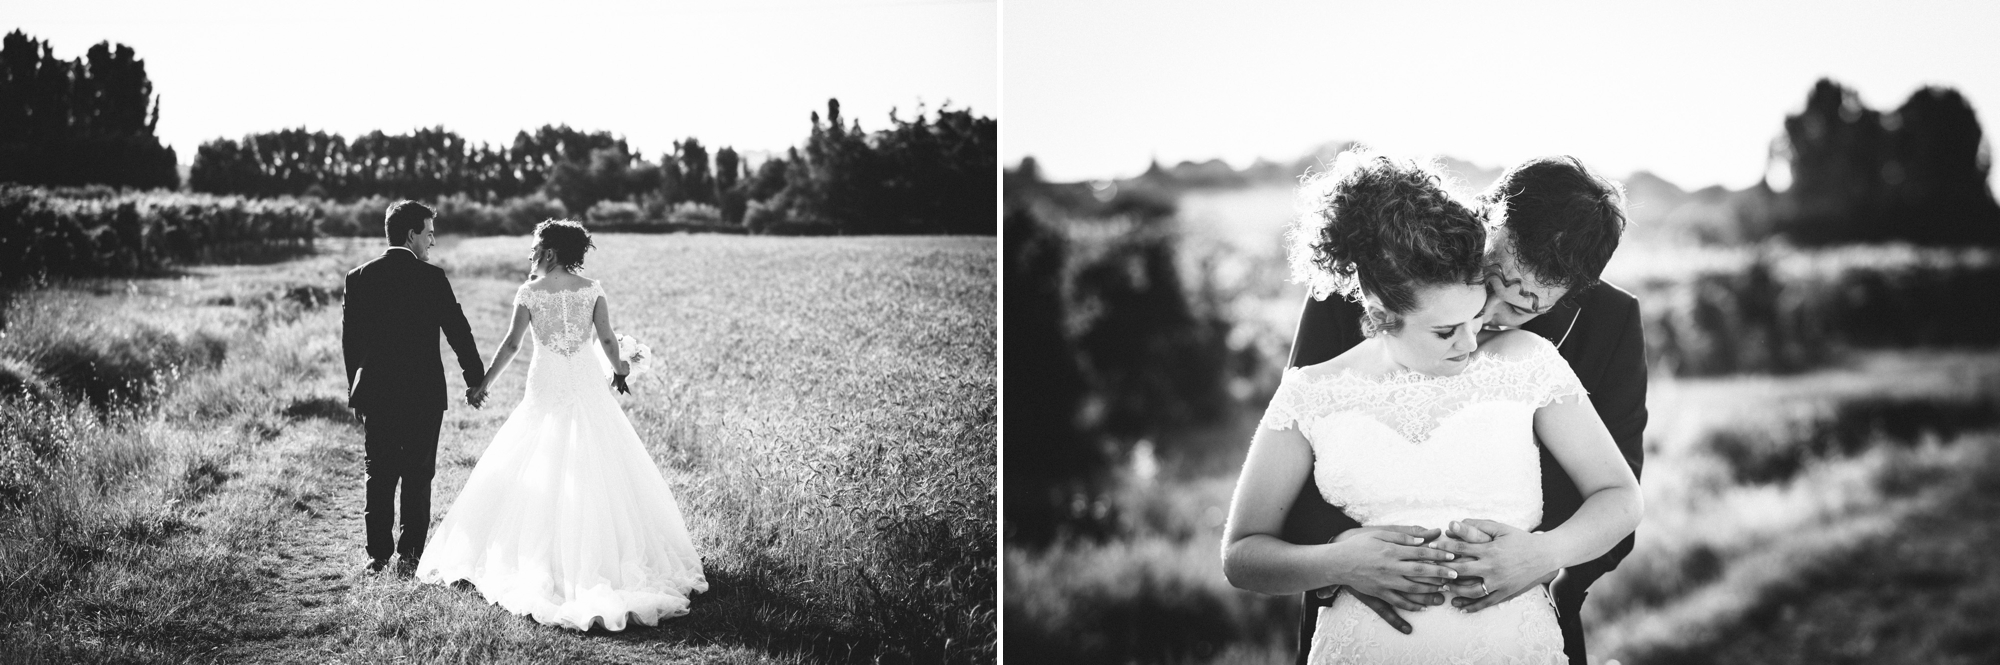 fotografa-matrimonio-rimini-giulio-valentina